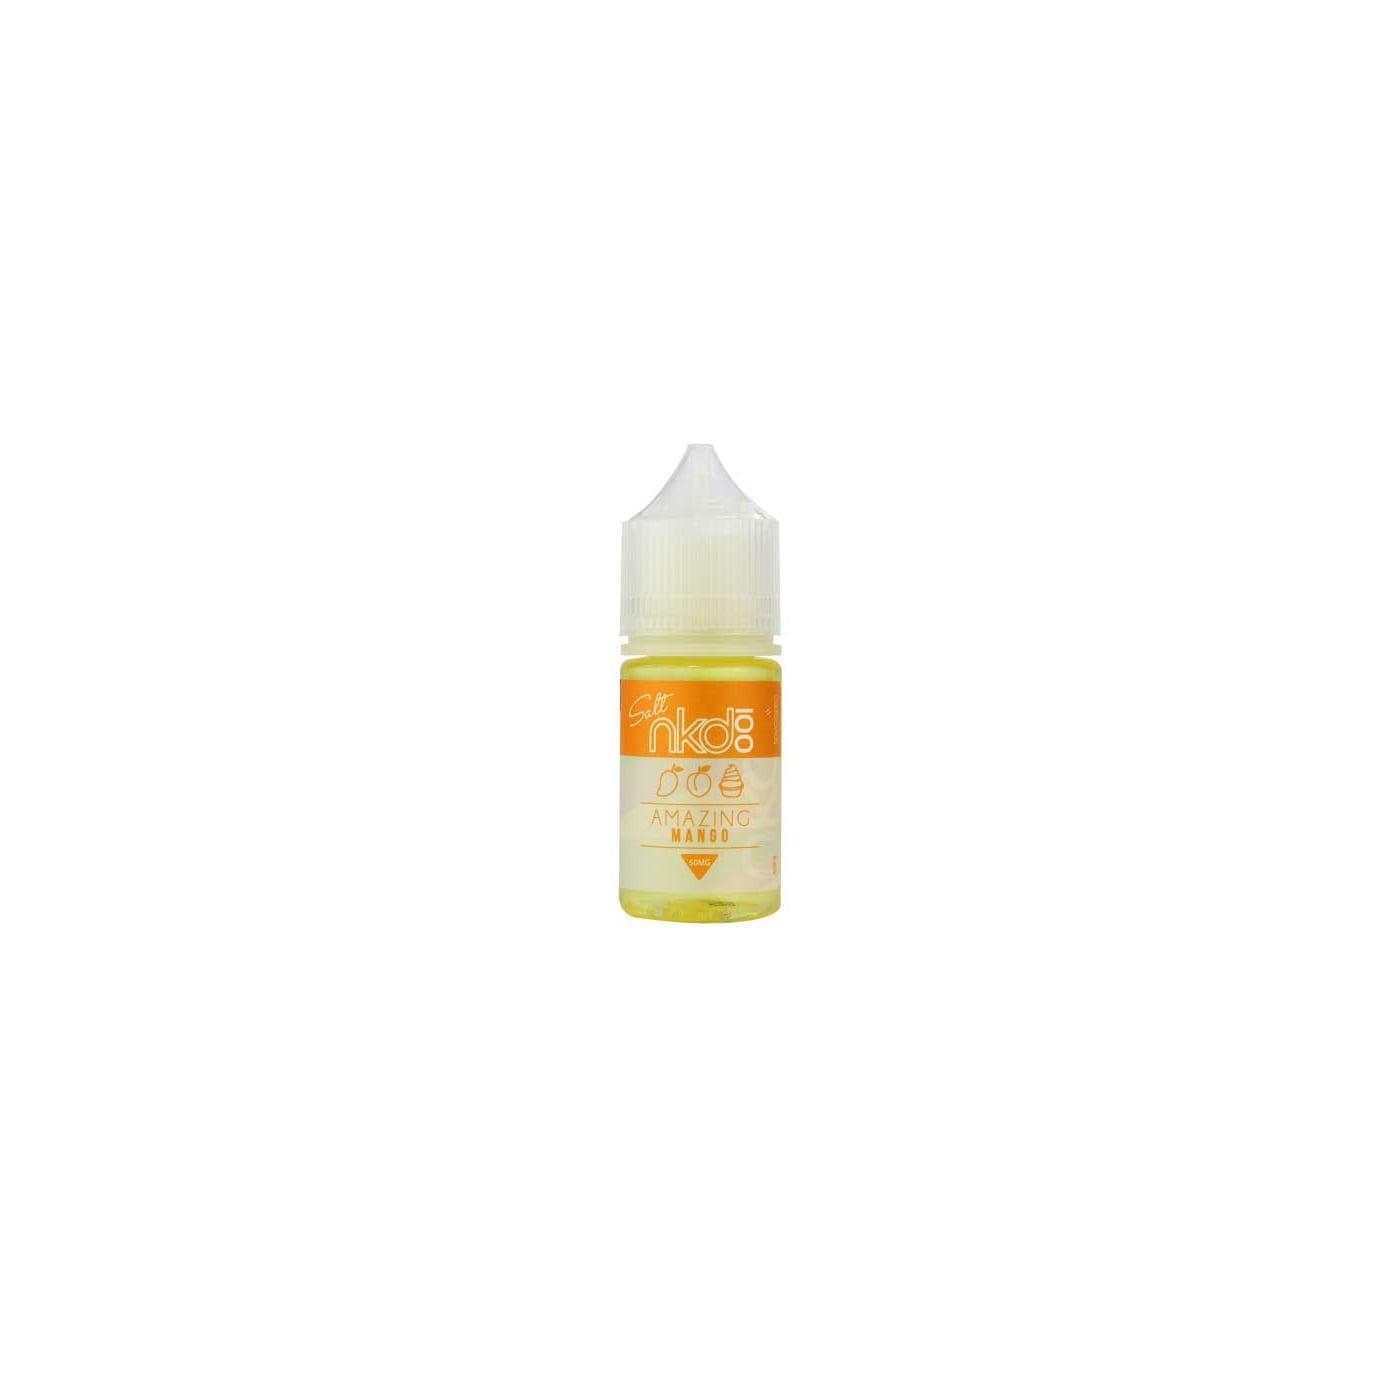 Amazing Mango E-Liquid by Naked 100 Salts